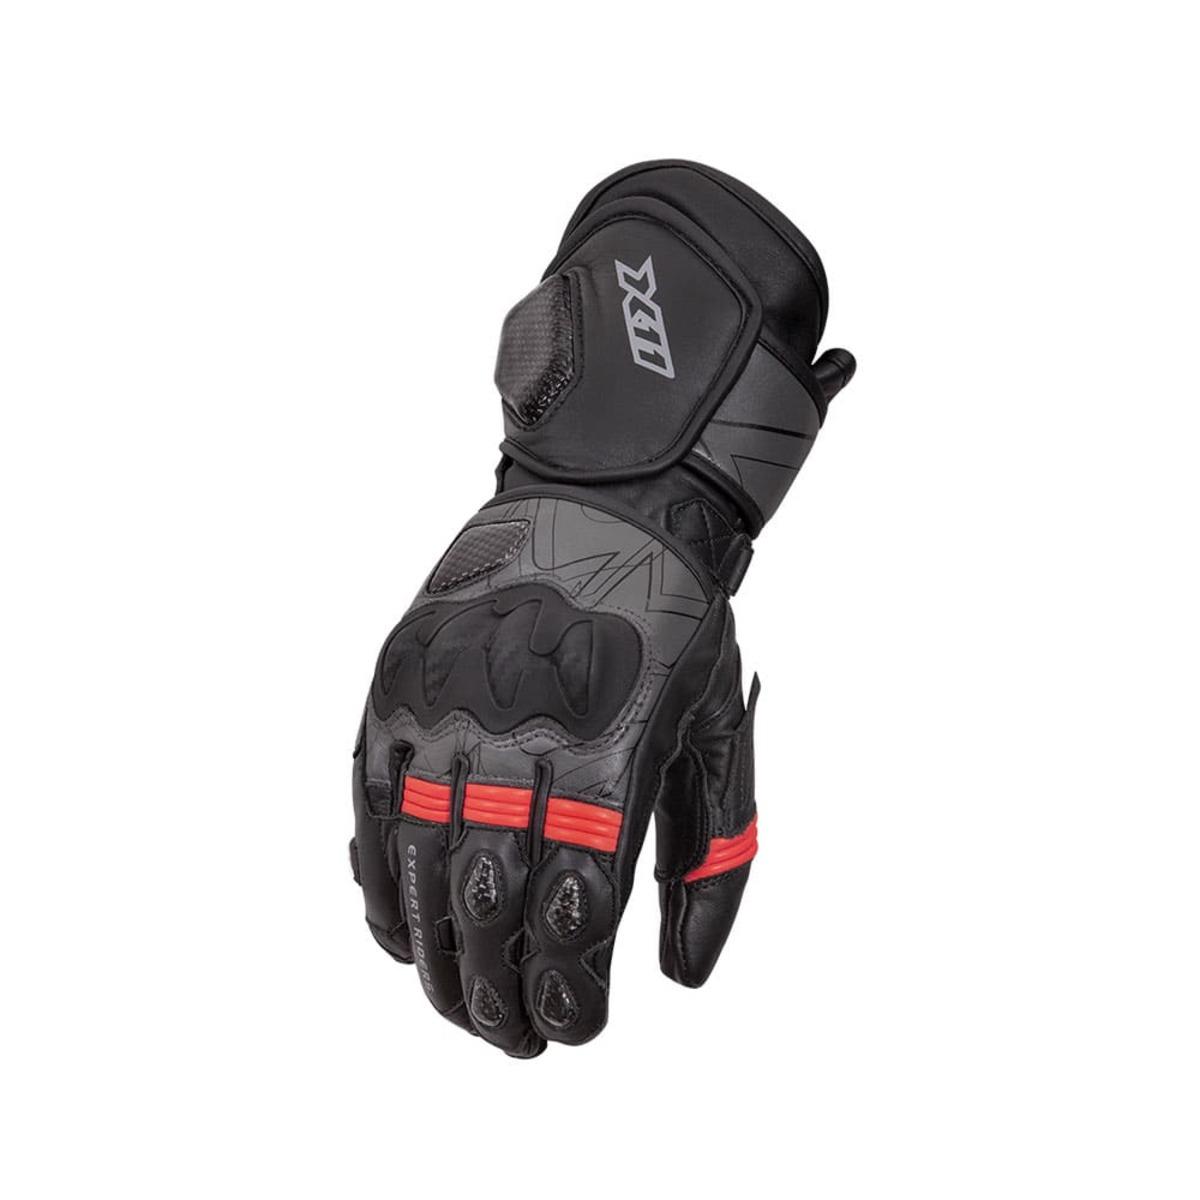 Luva X11 Racer 2 Motociclista Moto Proteção Preto